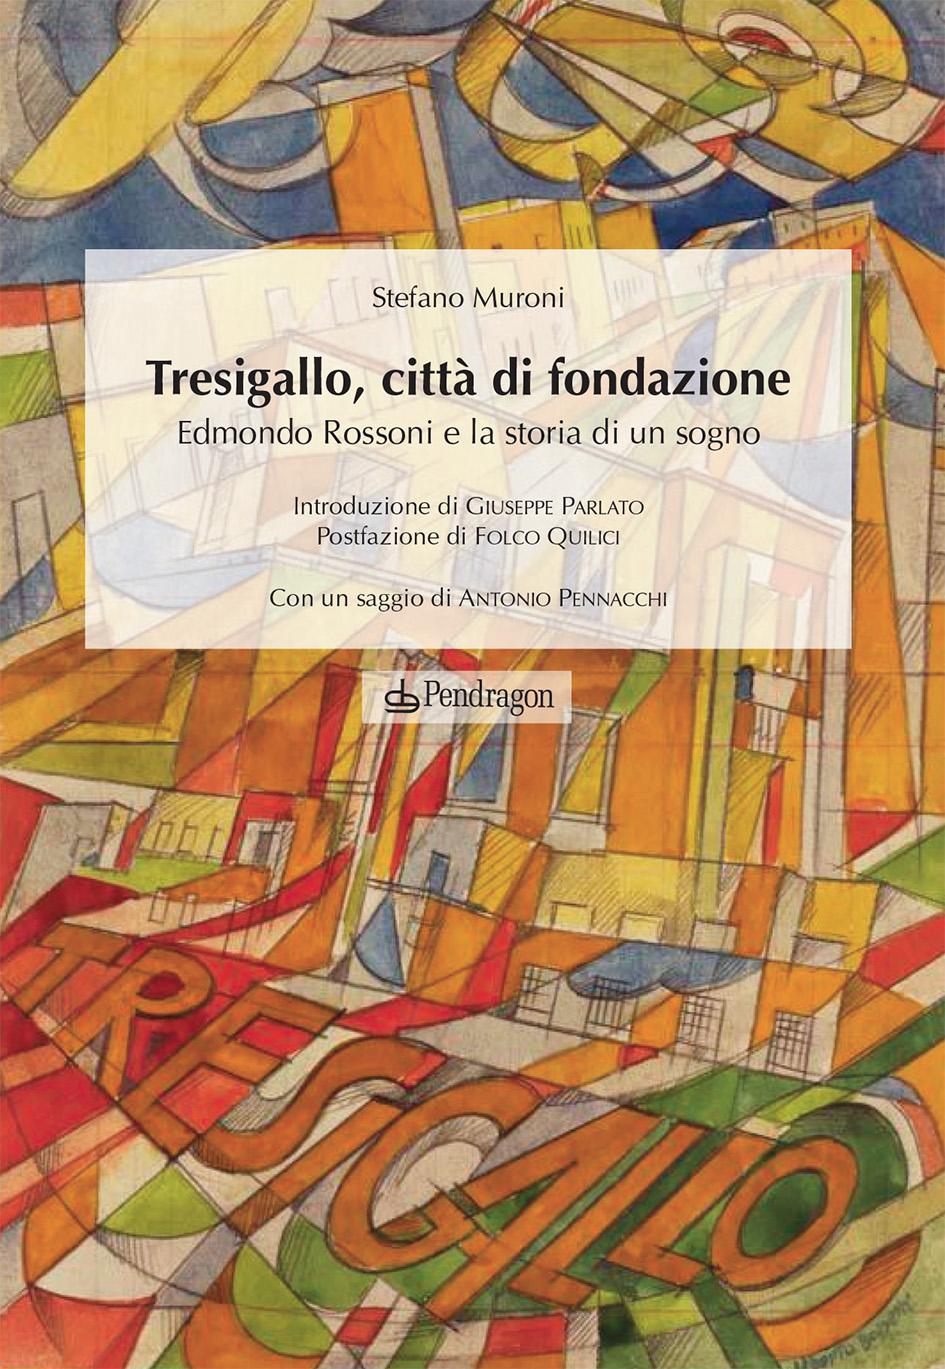 Tresigallo città di Fondazione - libro di Stefano Muroni